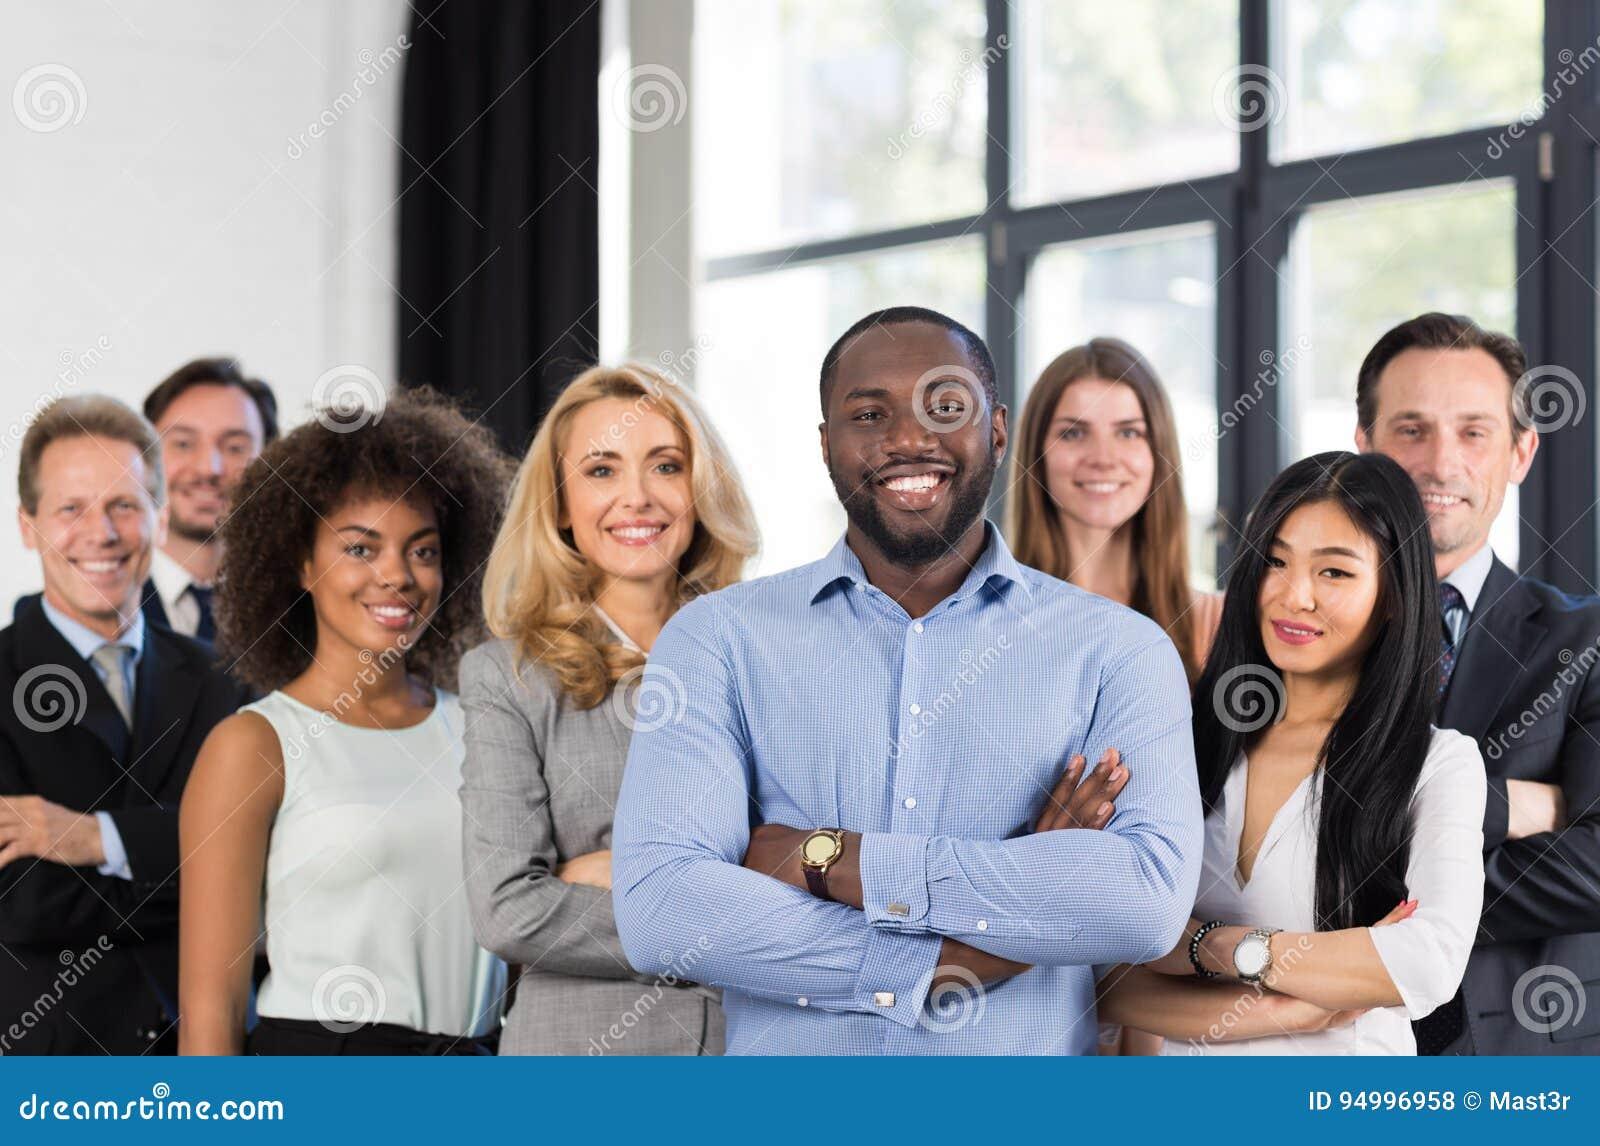 Afroamerikaner-Geschäftsmann-Chef-With Group Of-Geschäftsleute im kreativen Büro, erfolgreiche Mischungs-Rennmann-Führung